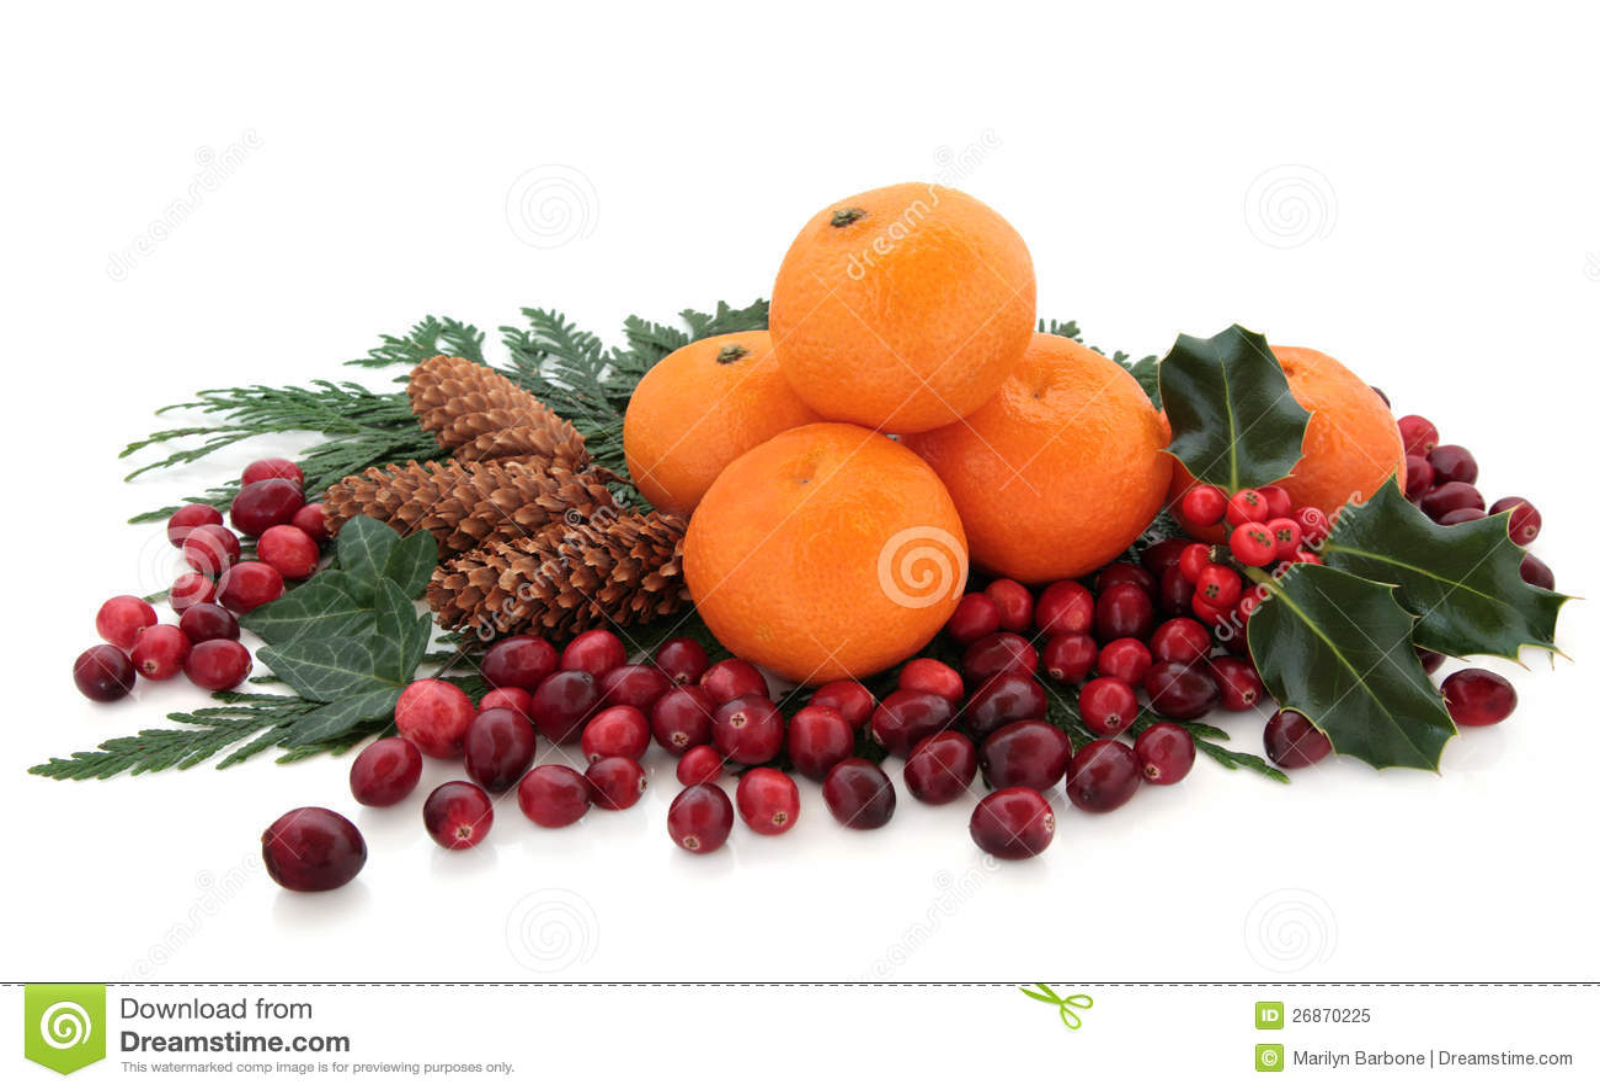 mandarin fruit mr fruit